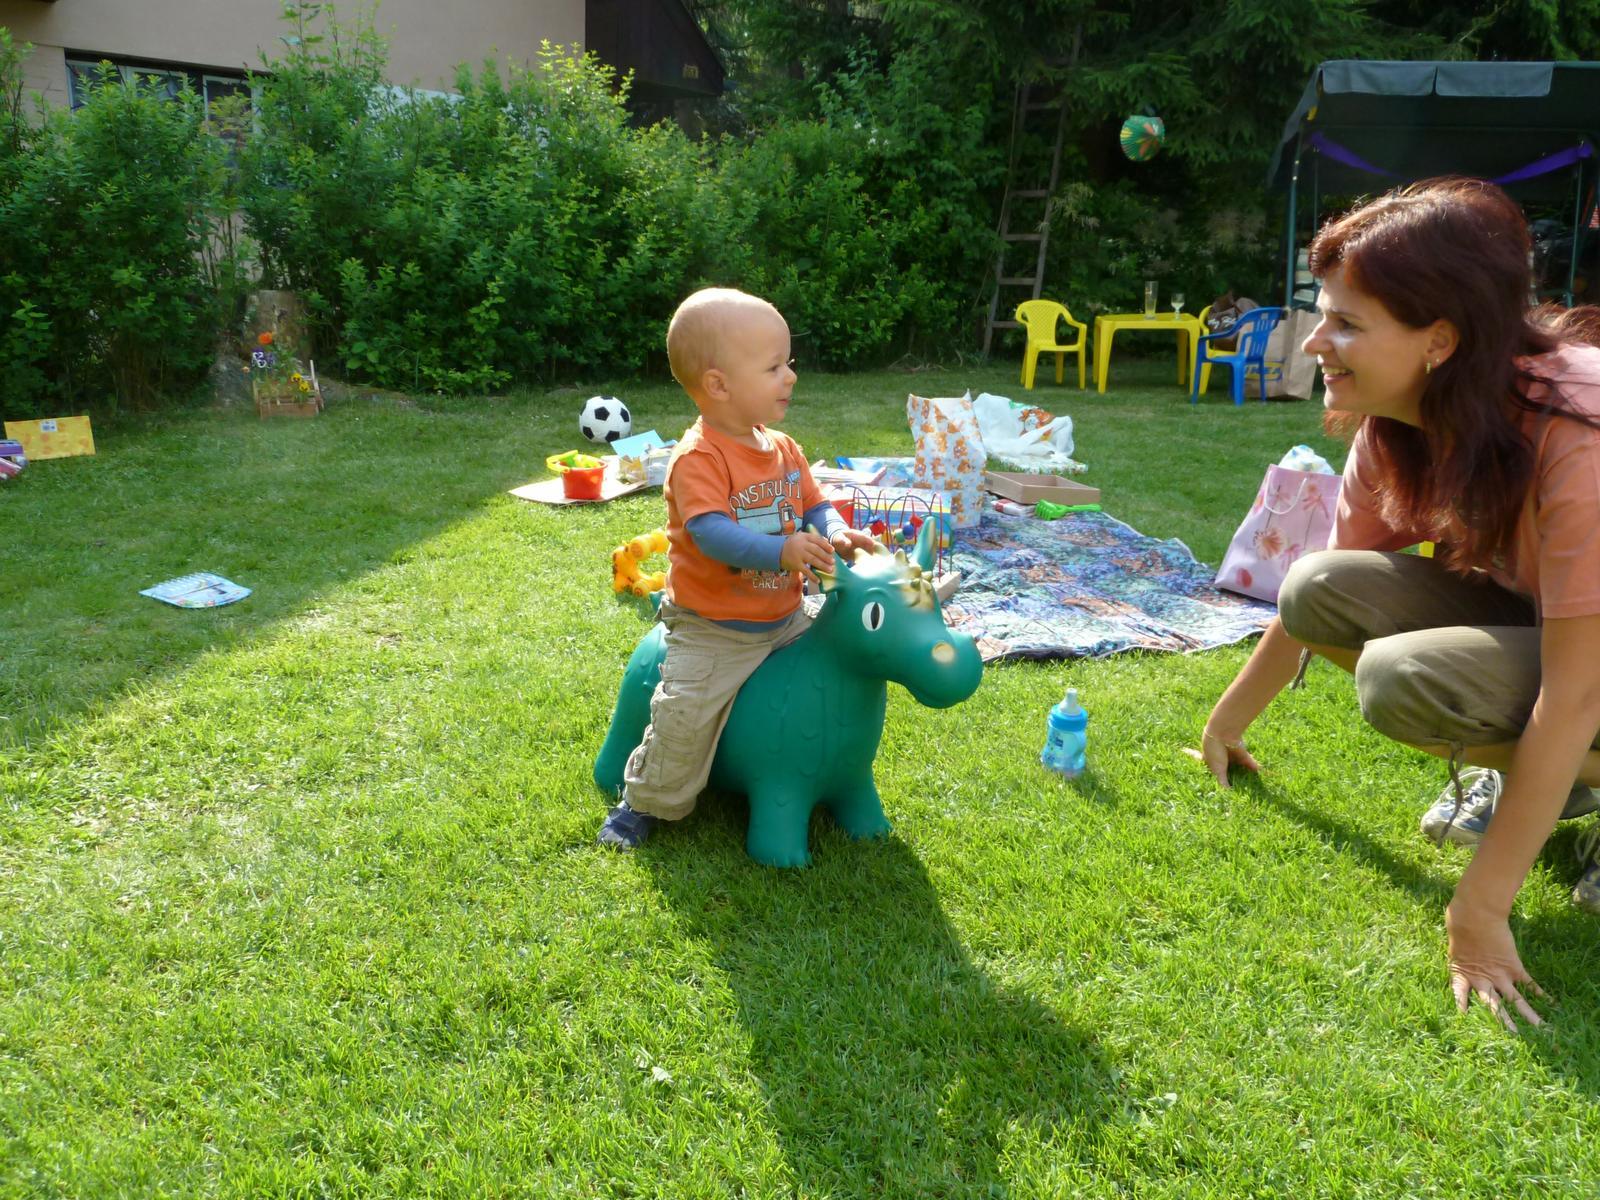 hračky k 1 narozeninám Jaký dárek byl nejlepší k 1. narozeninám vašeho dítěte? hračky k 1 narozeninám